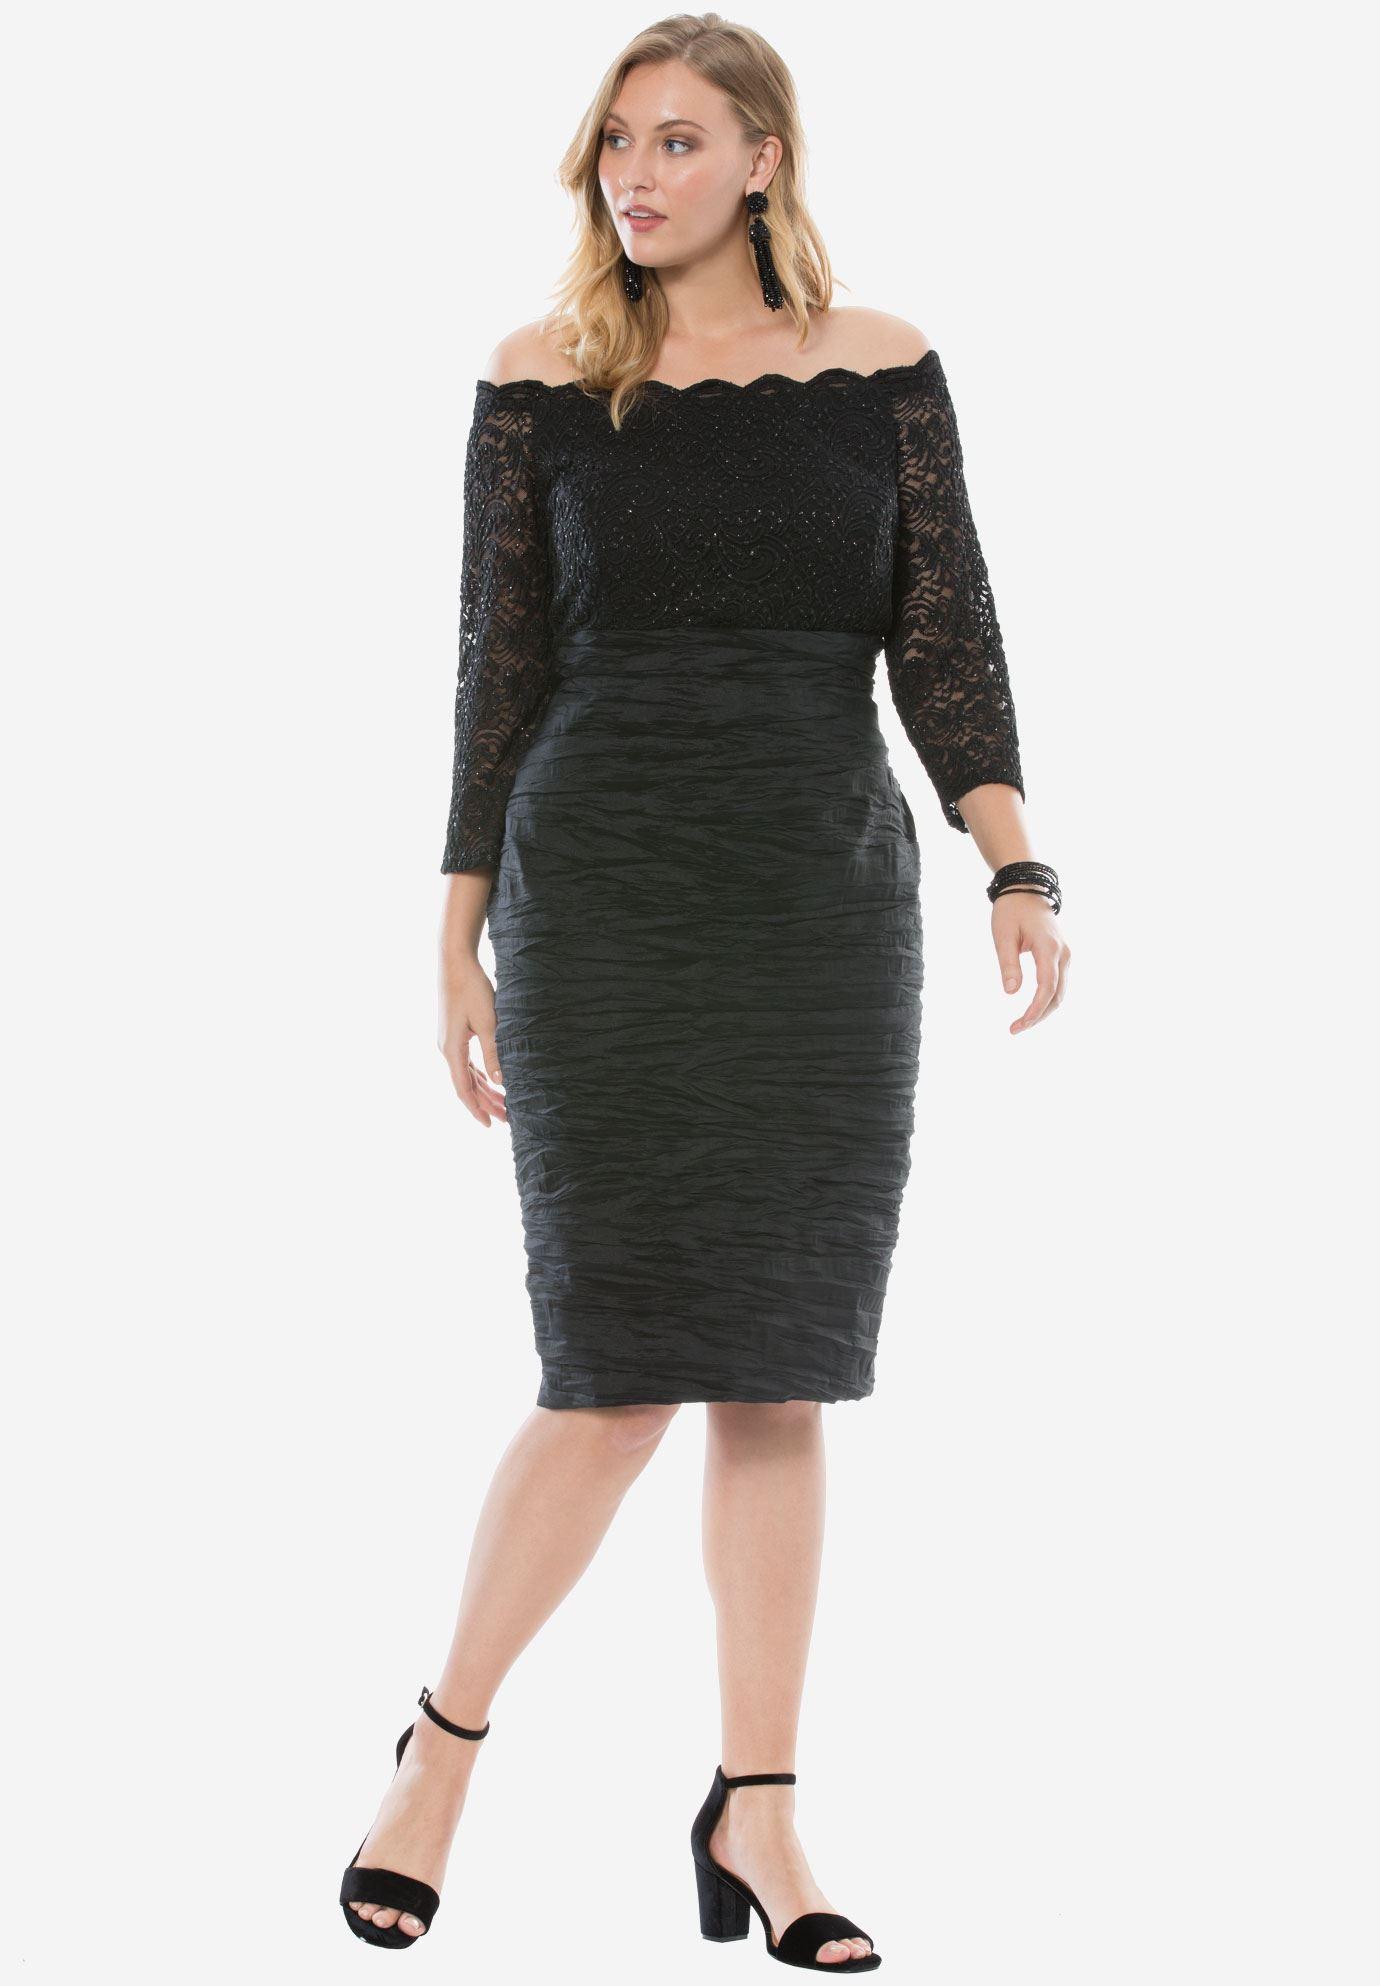 Off-The-Shoulder Dress by Alex Evenings | Plus Size Dresses | Roaman\'s